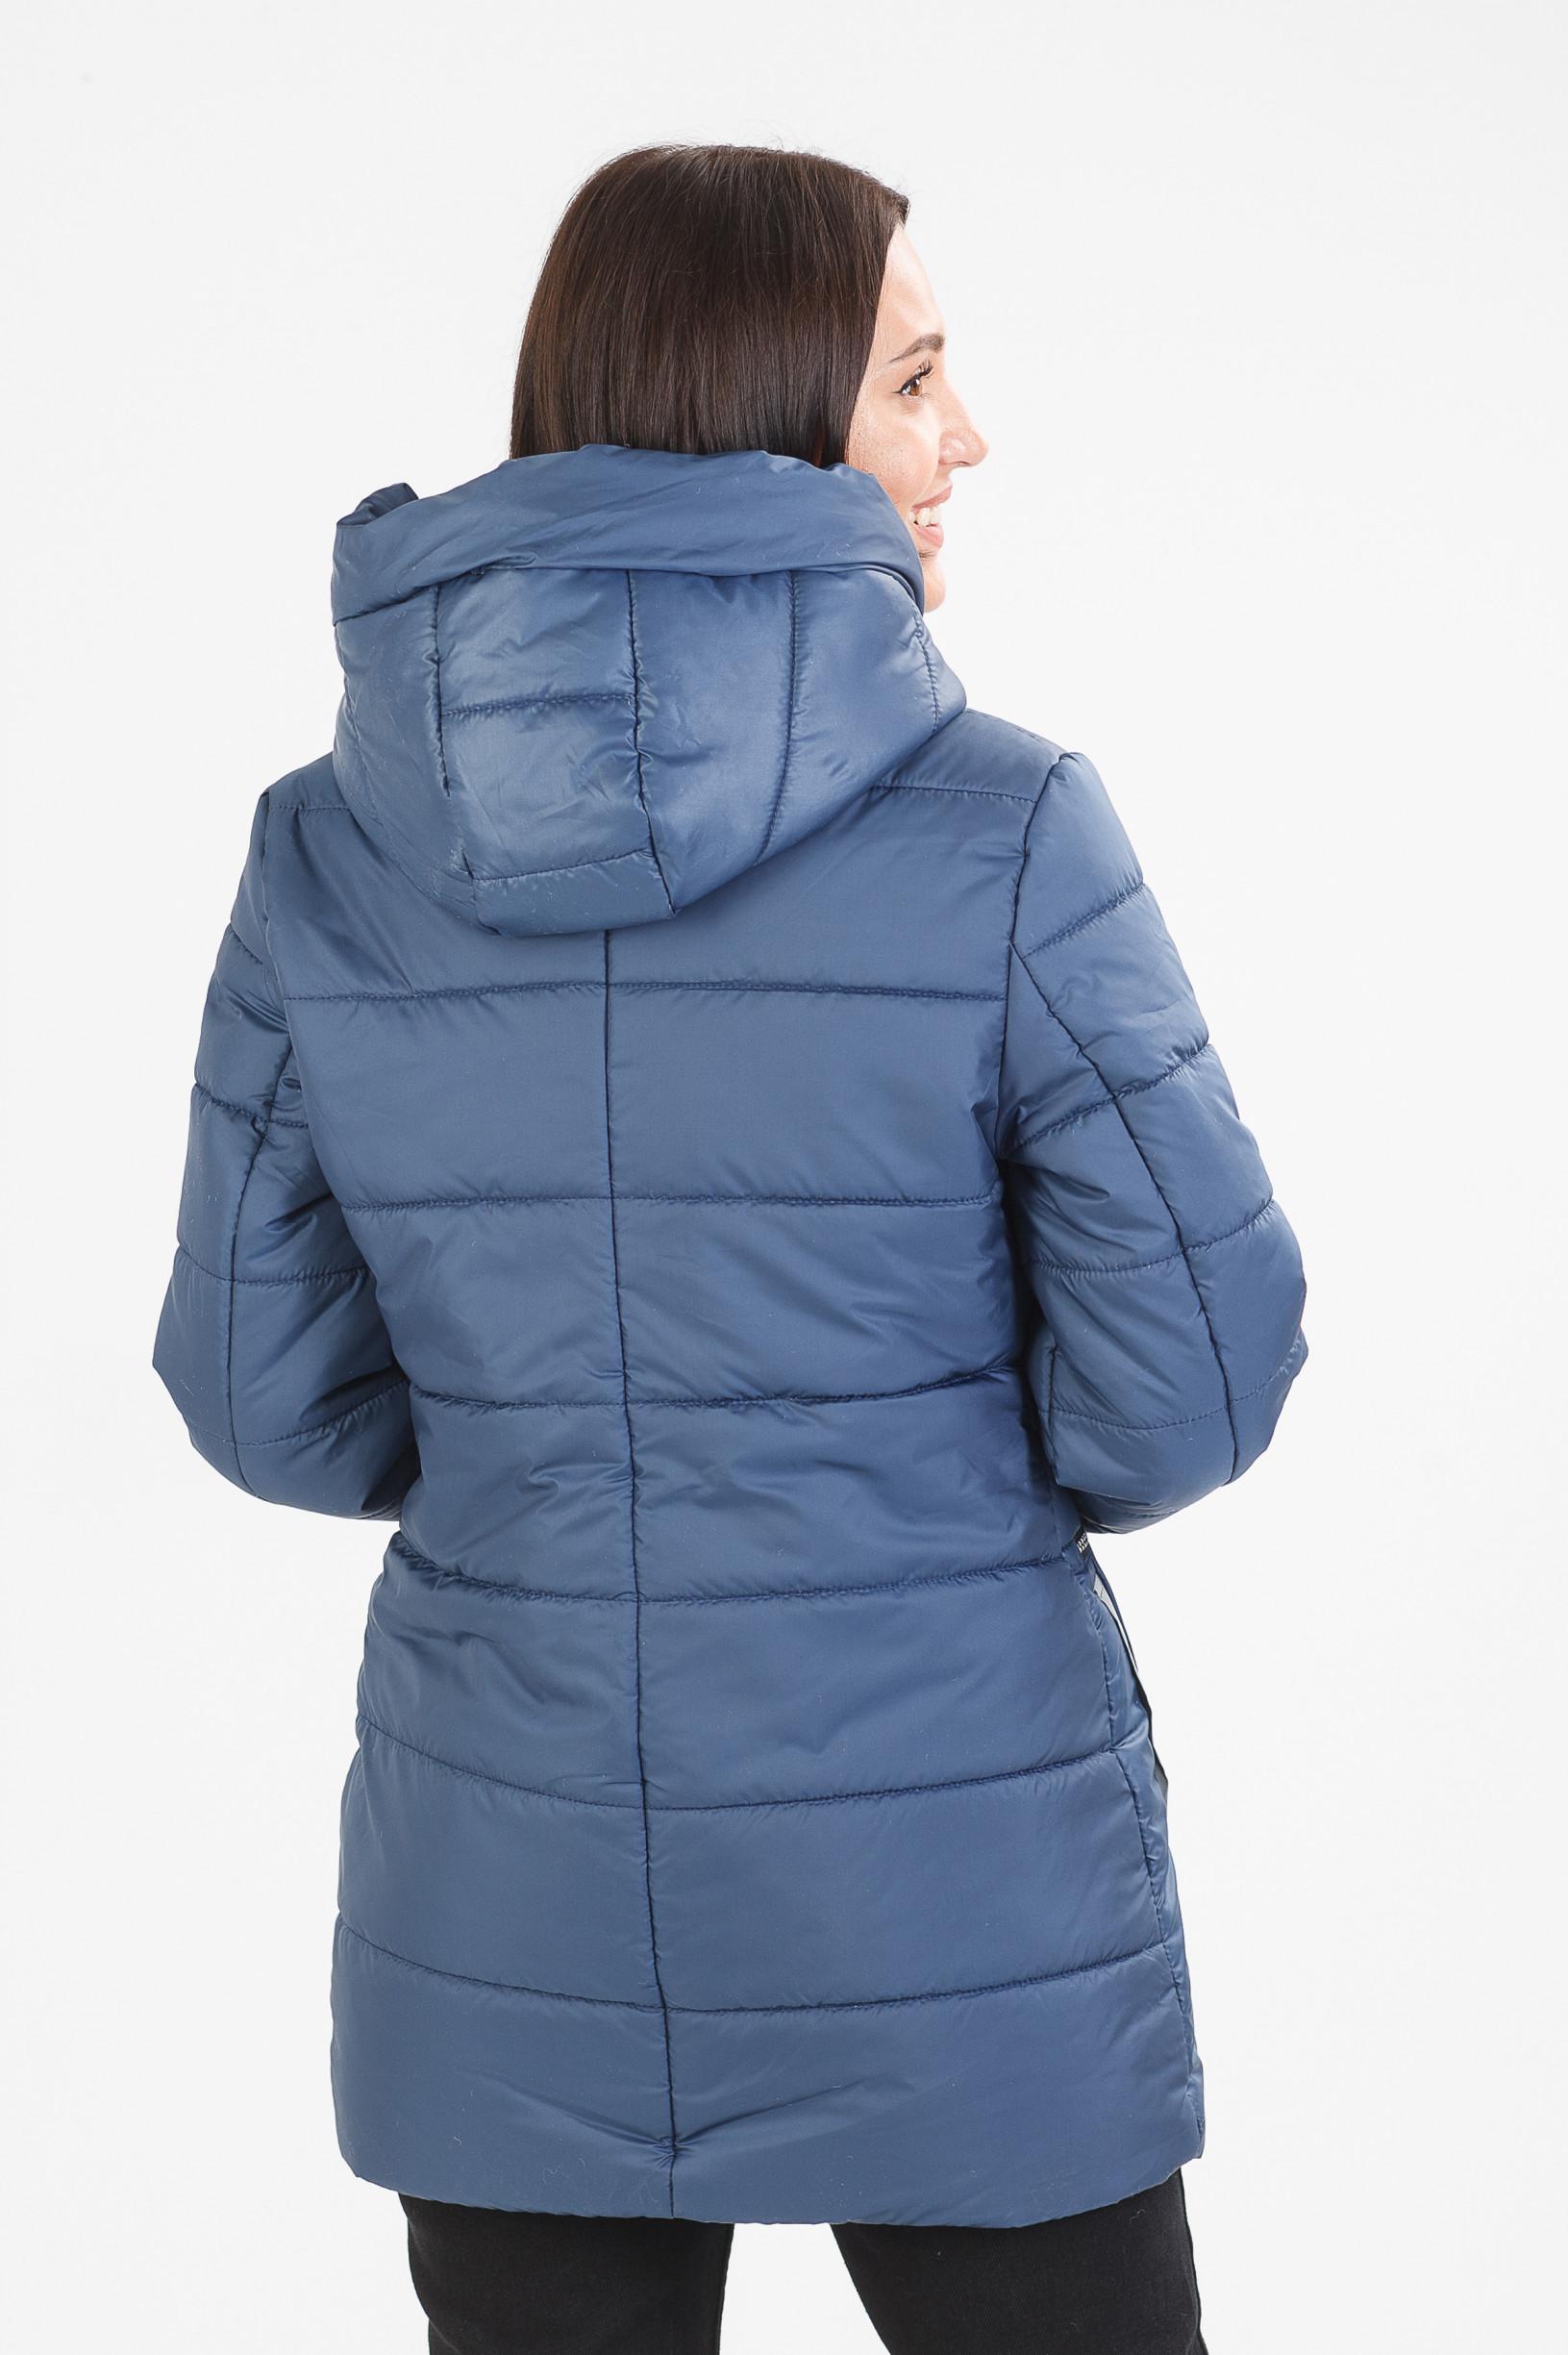 Куртка весенняя Стар синяя